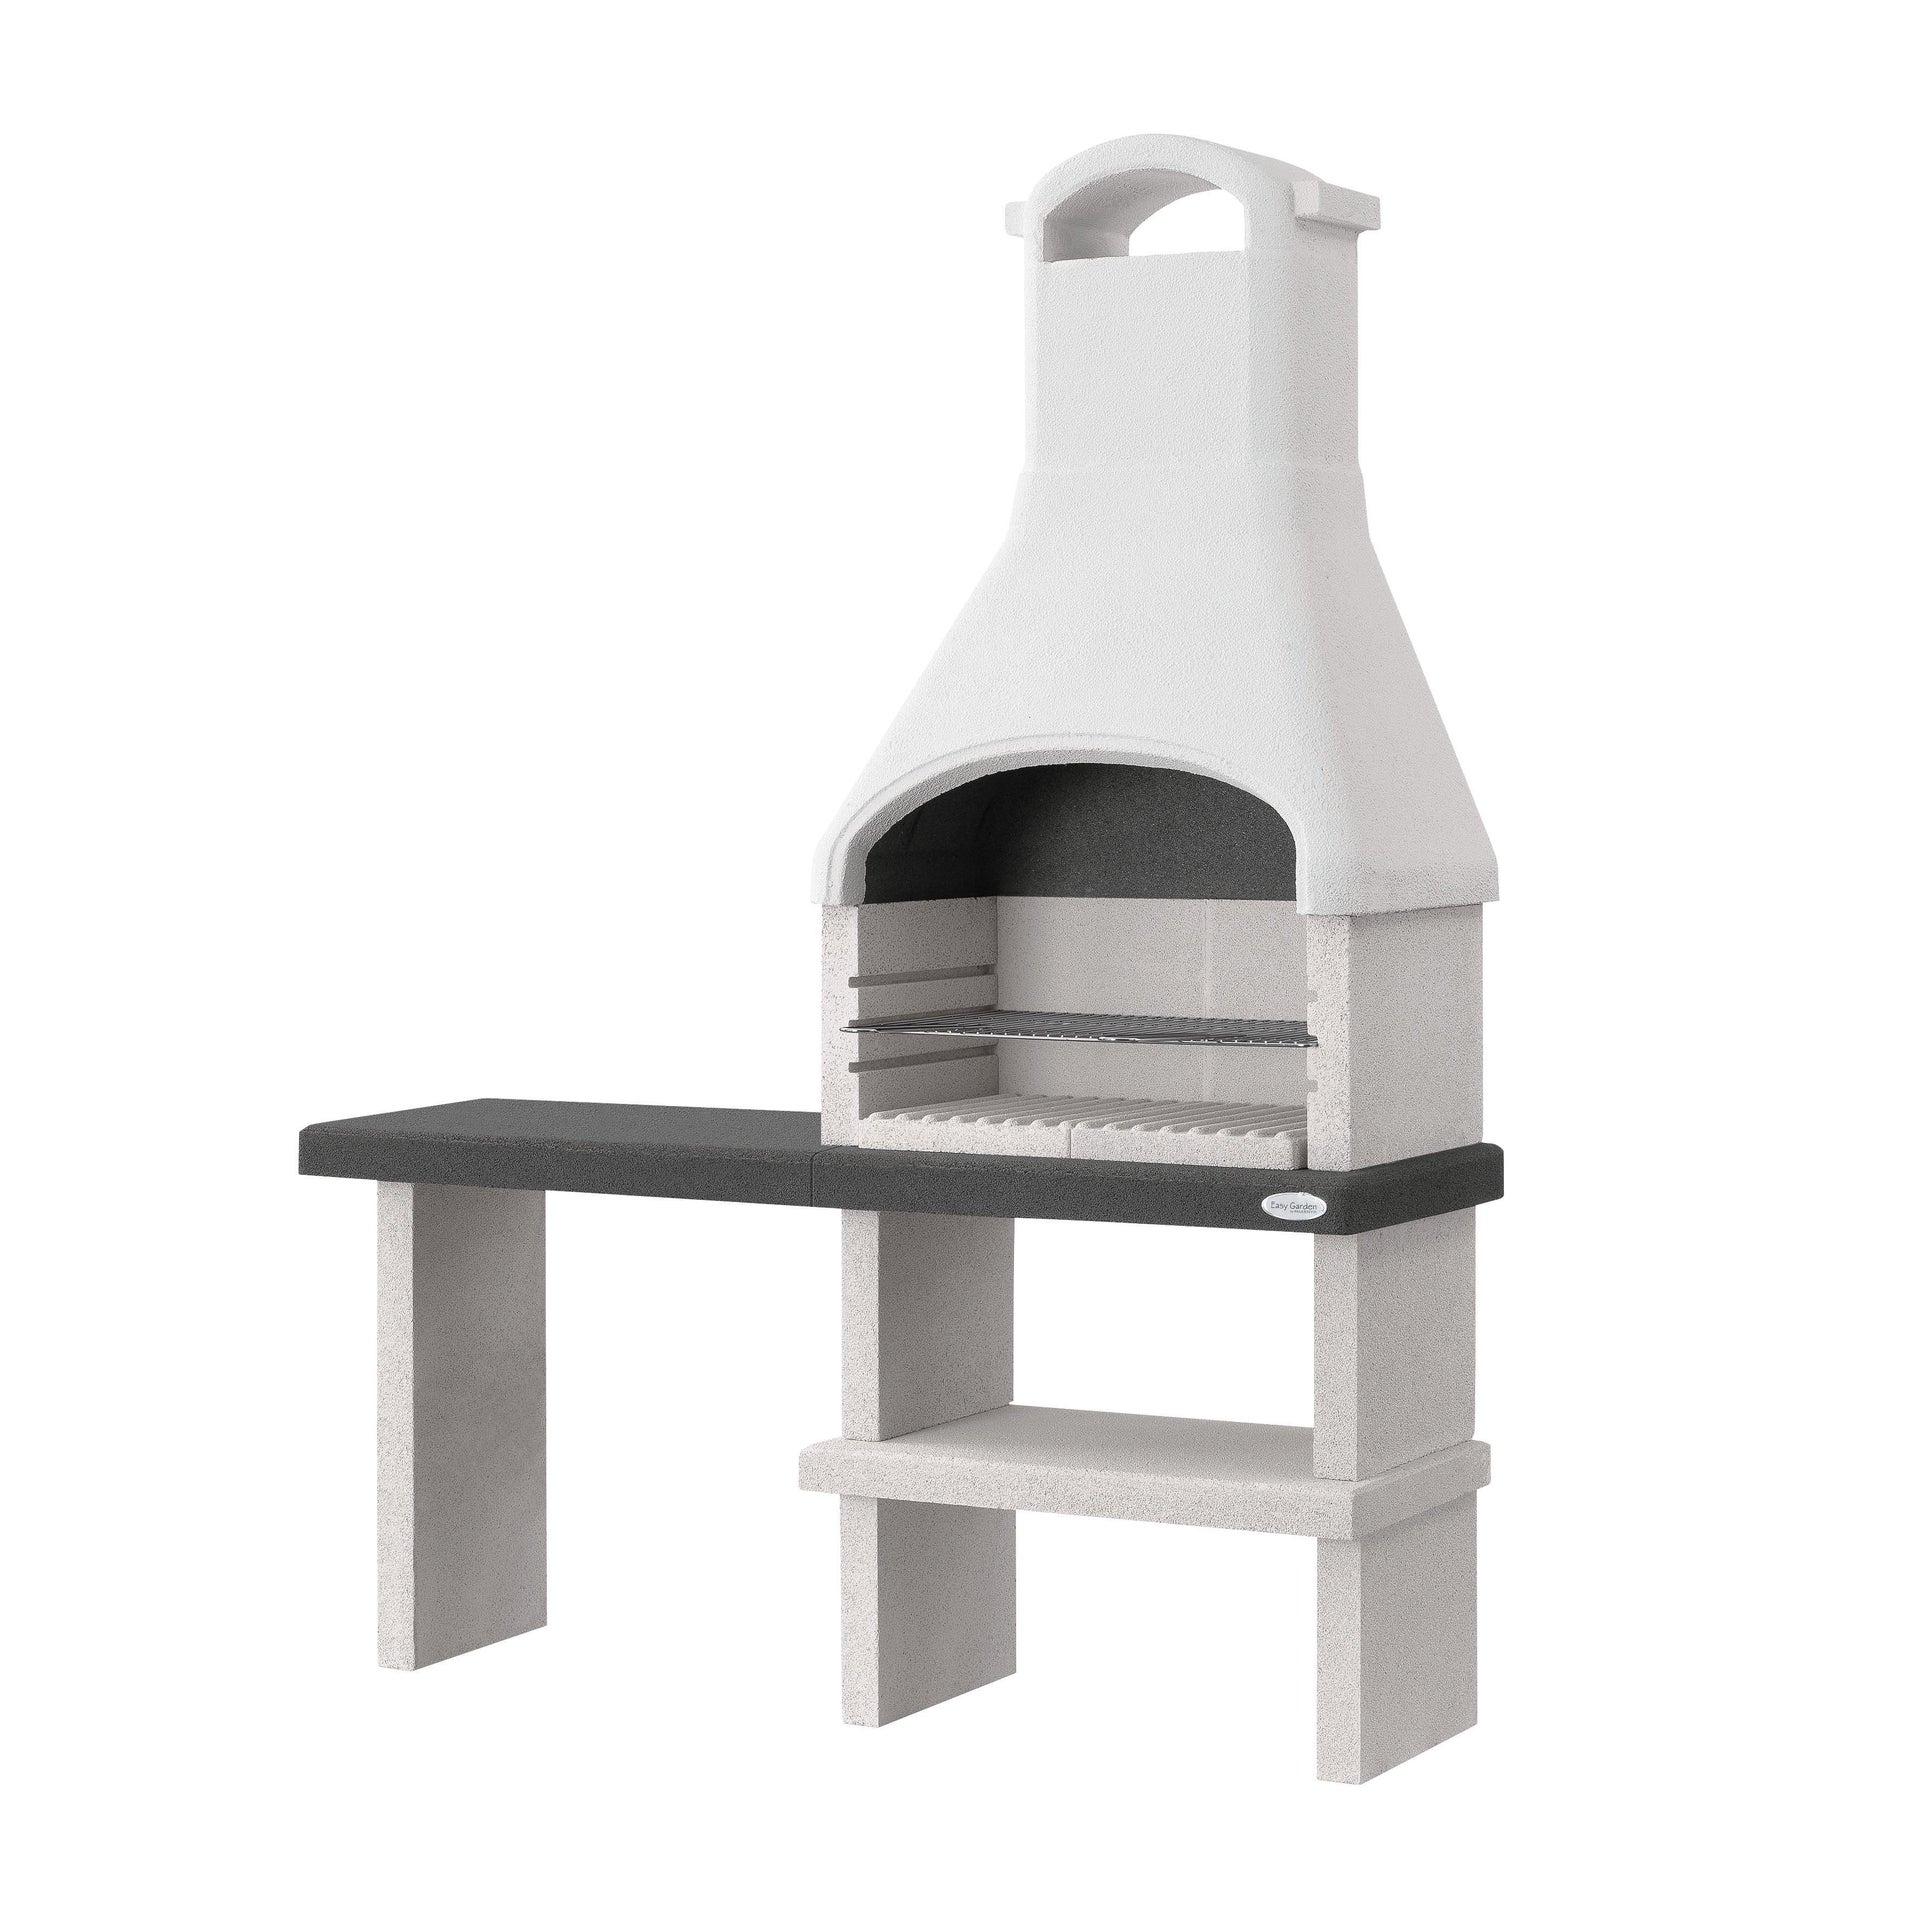 Barbecue in cemento refrattario PALAZZETTI L 59 x P 59 x H 216 cm - 3